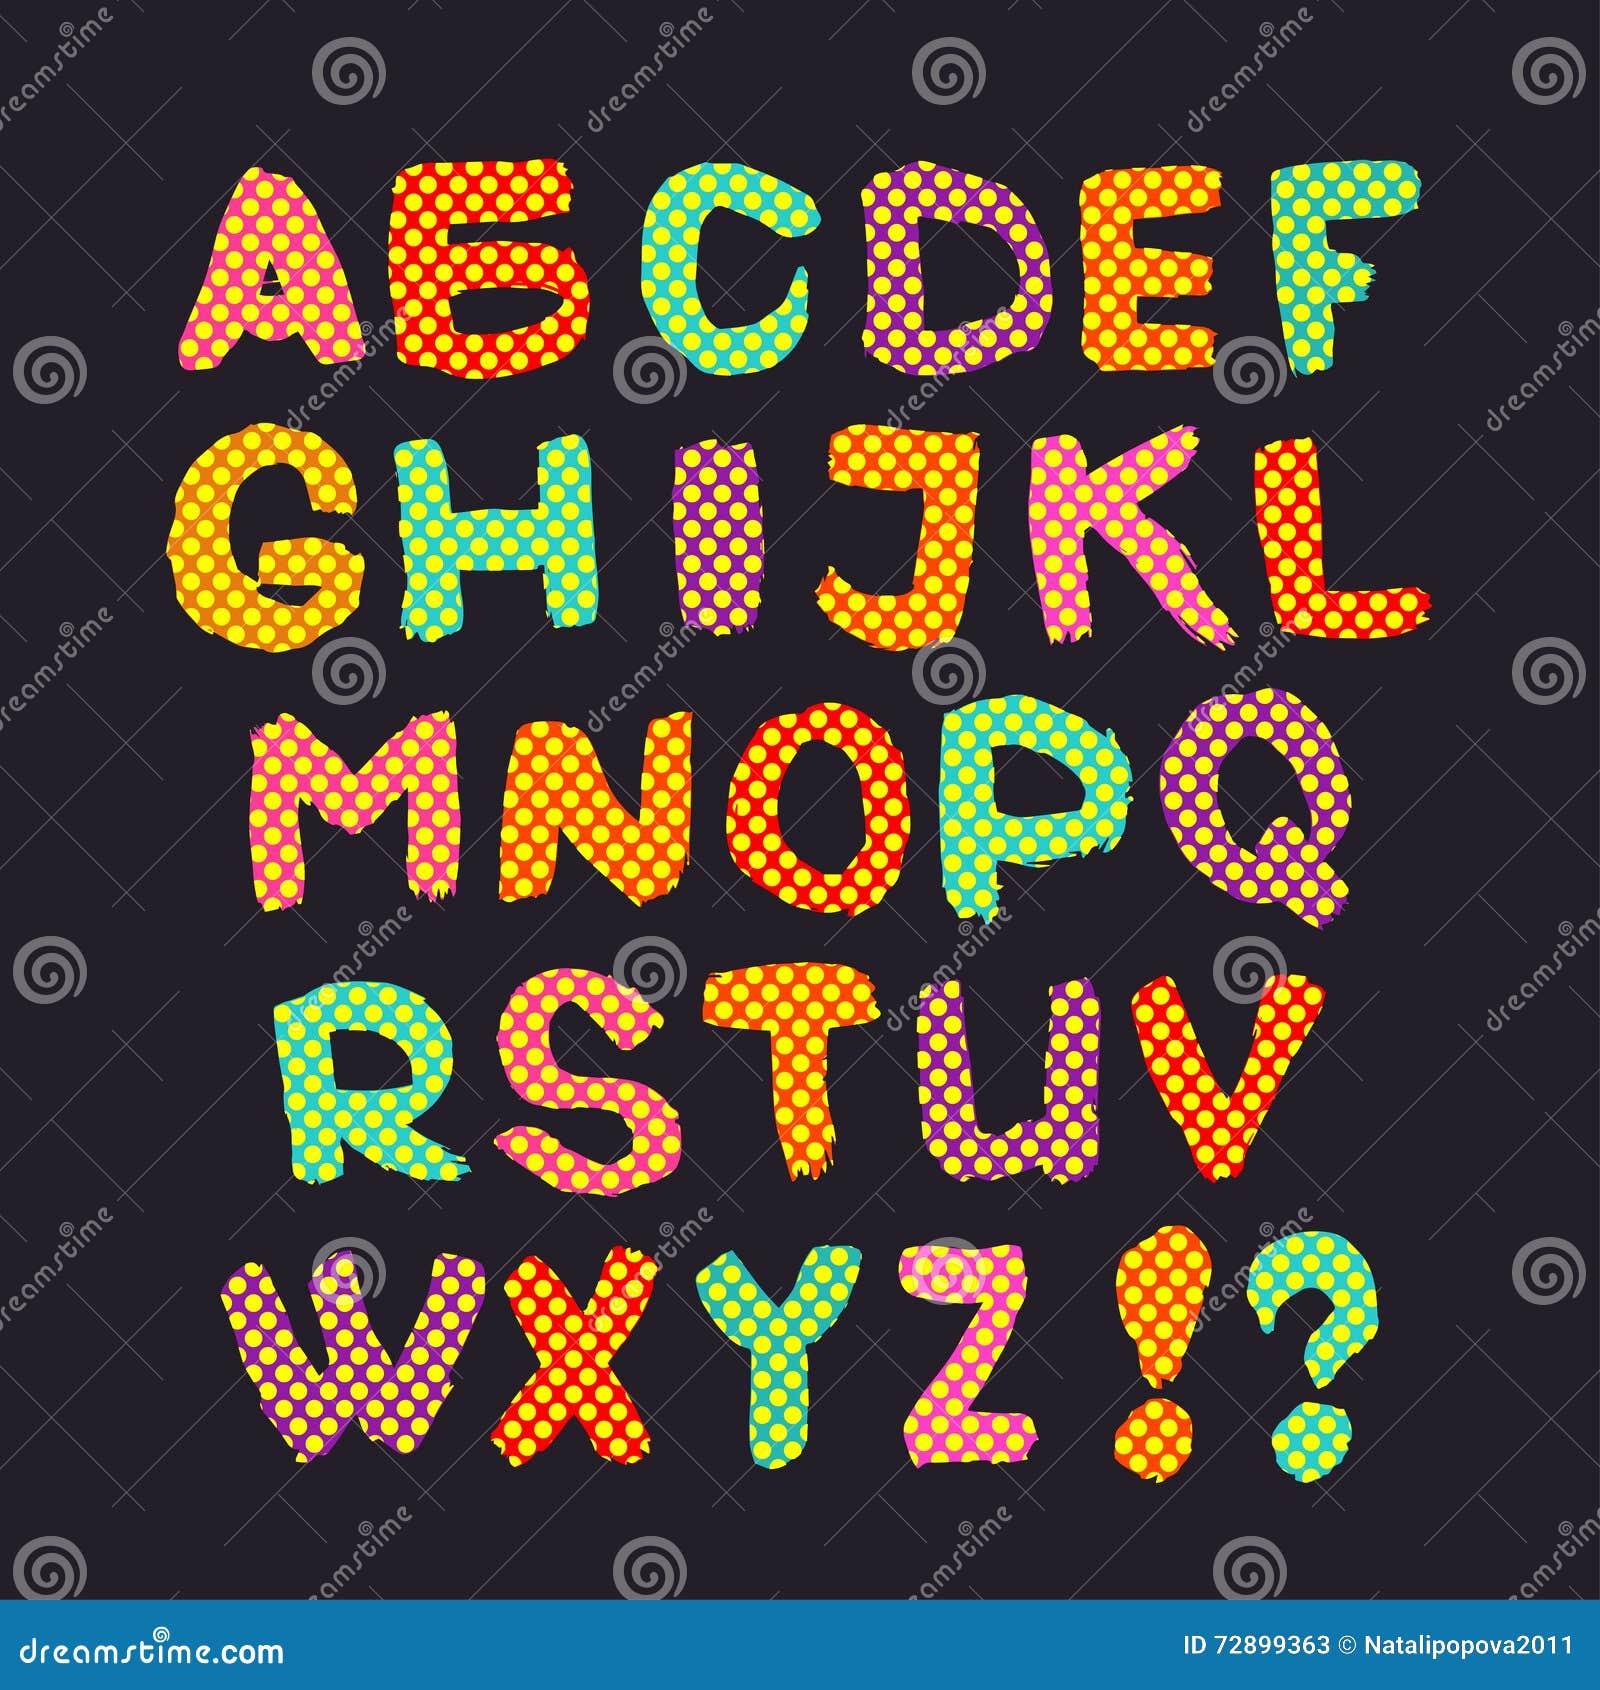 Buntes Englisches Alphabet Auf Einem Grauen Hintergrund Vektor Abbildung - Bild: 72899363